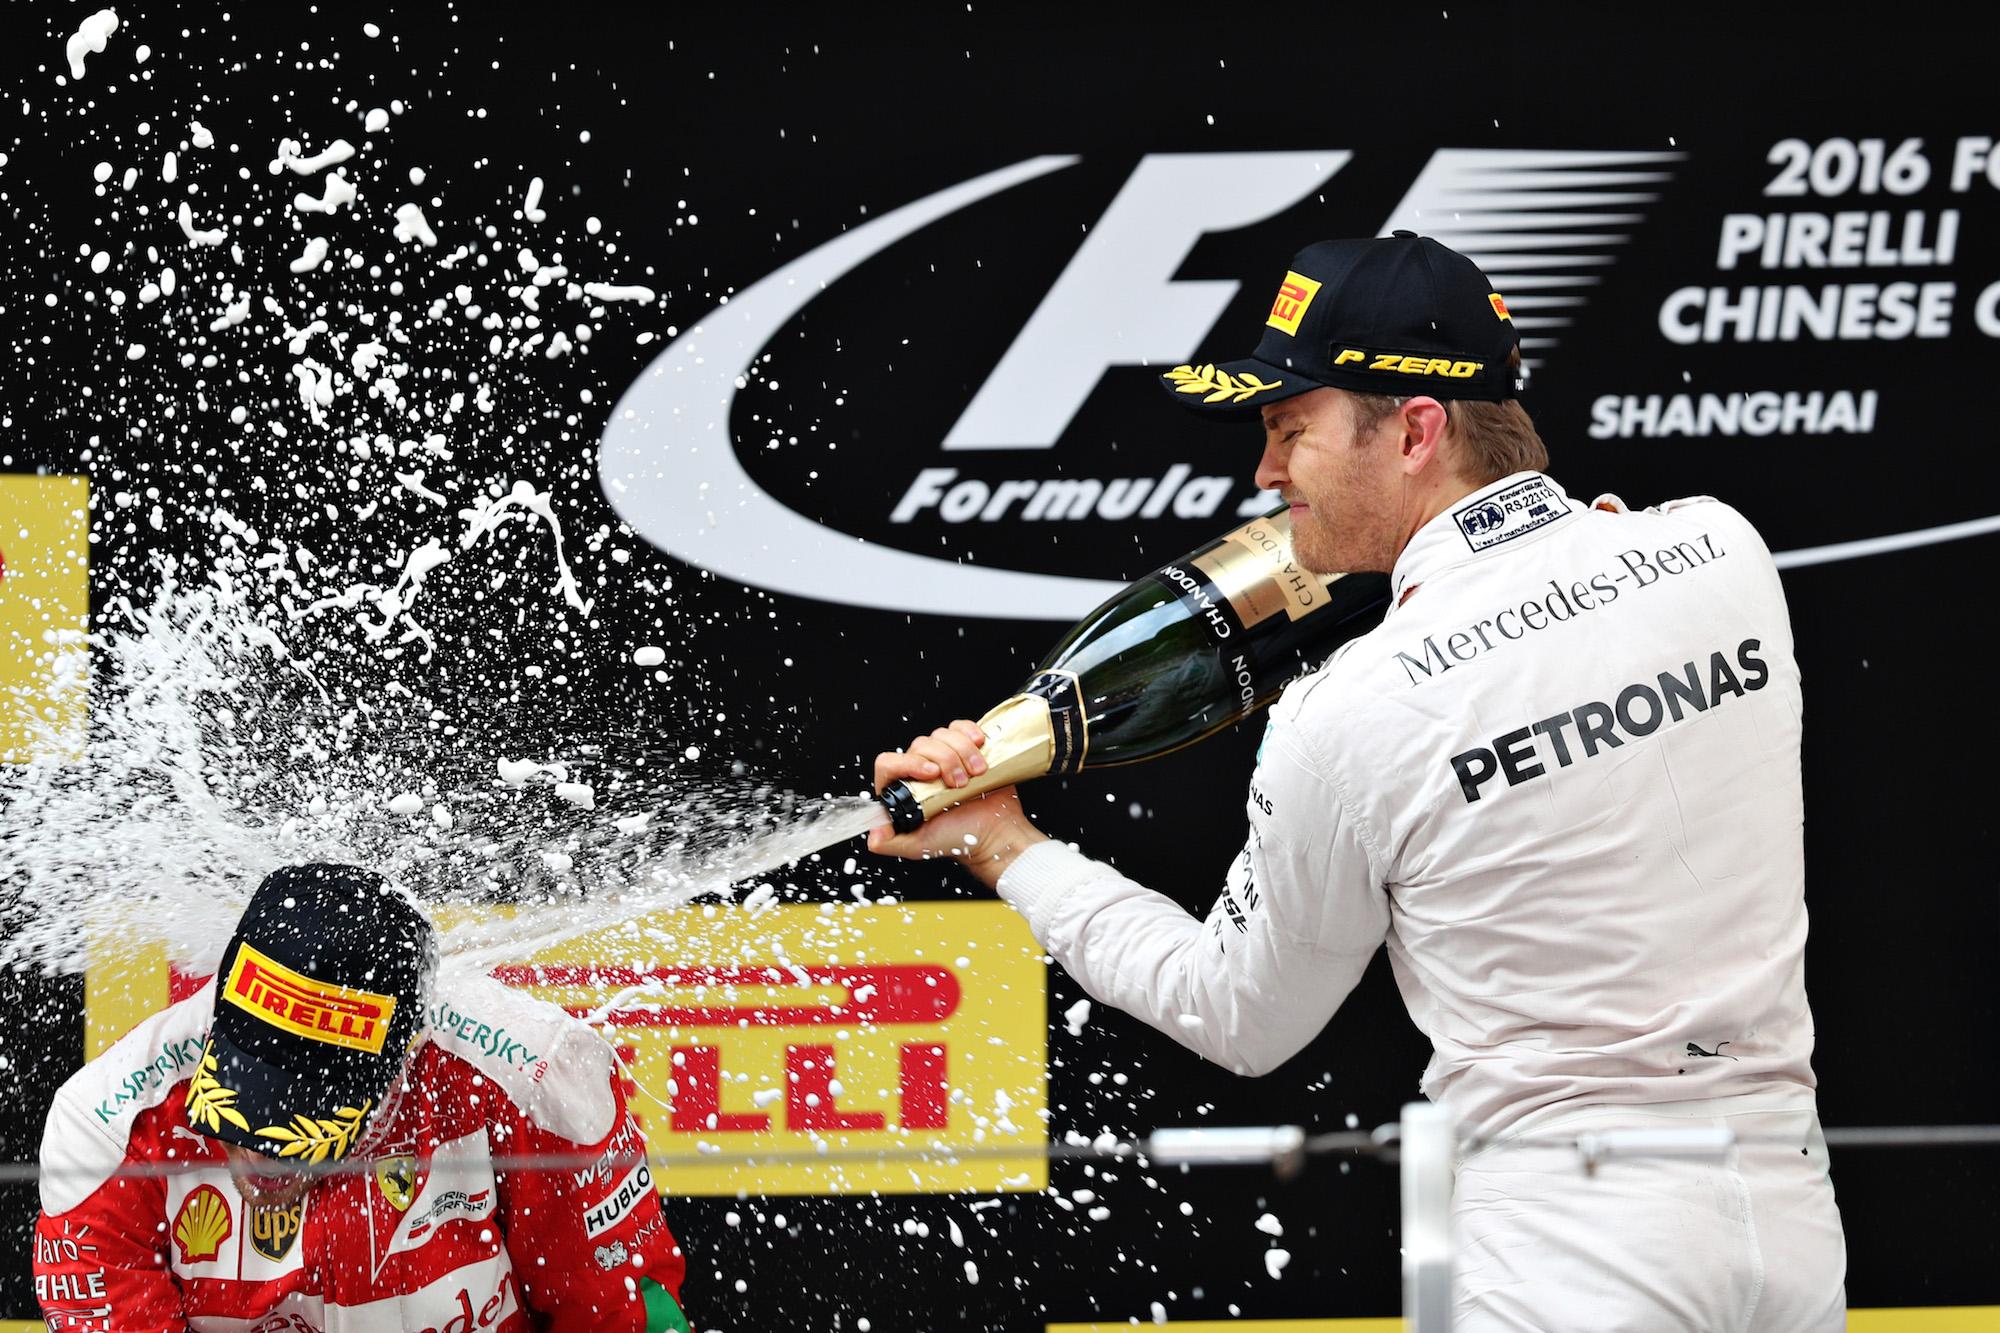 Nico Rosberg festaggia sul podio con Vettel la vittoria nel GP di Shanghai